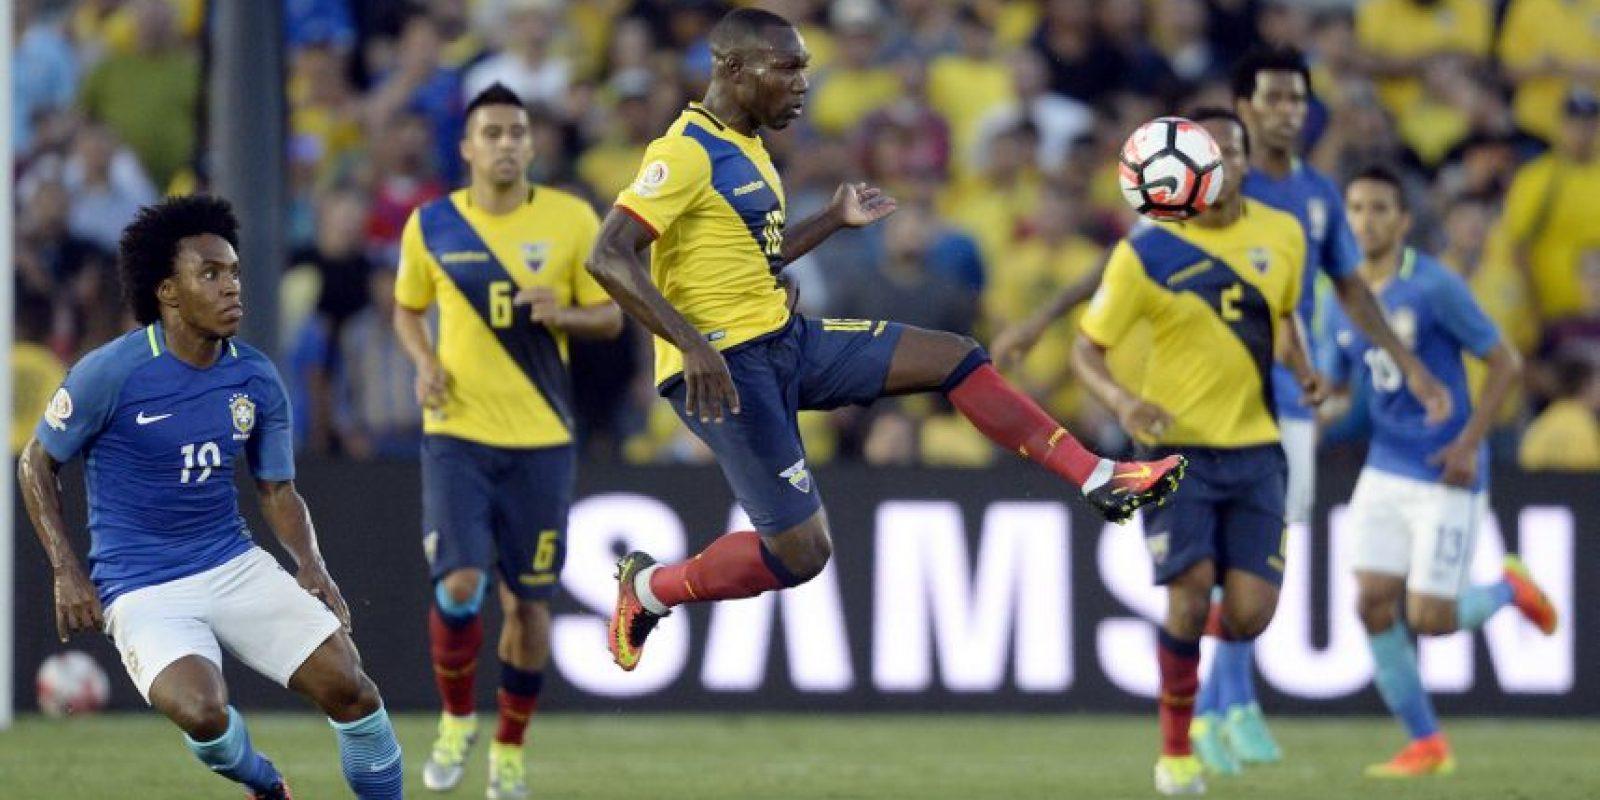 Los ecuatorianos empàtaron 0-0 con Brasil en la primera fecha Foto:Getty Images